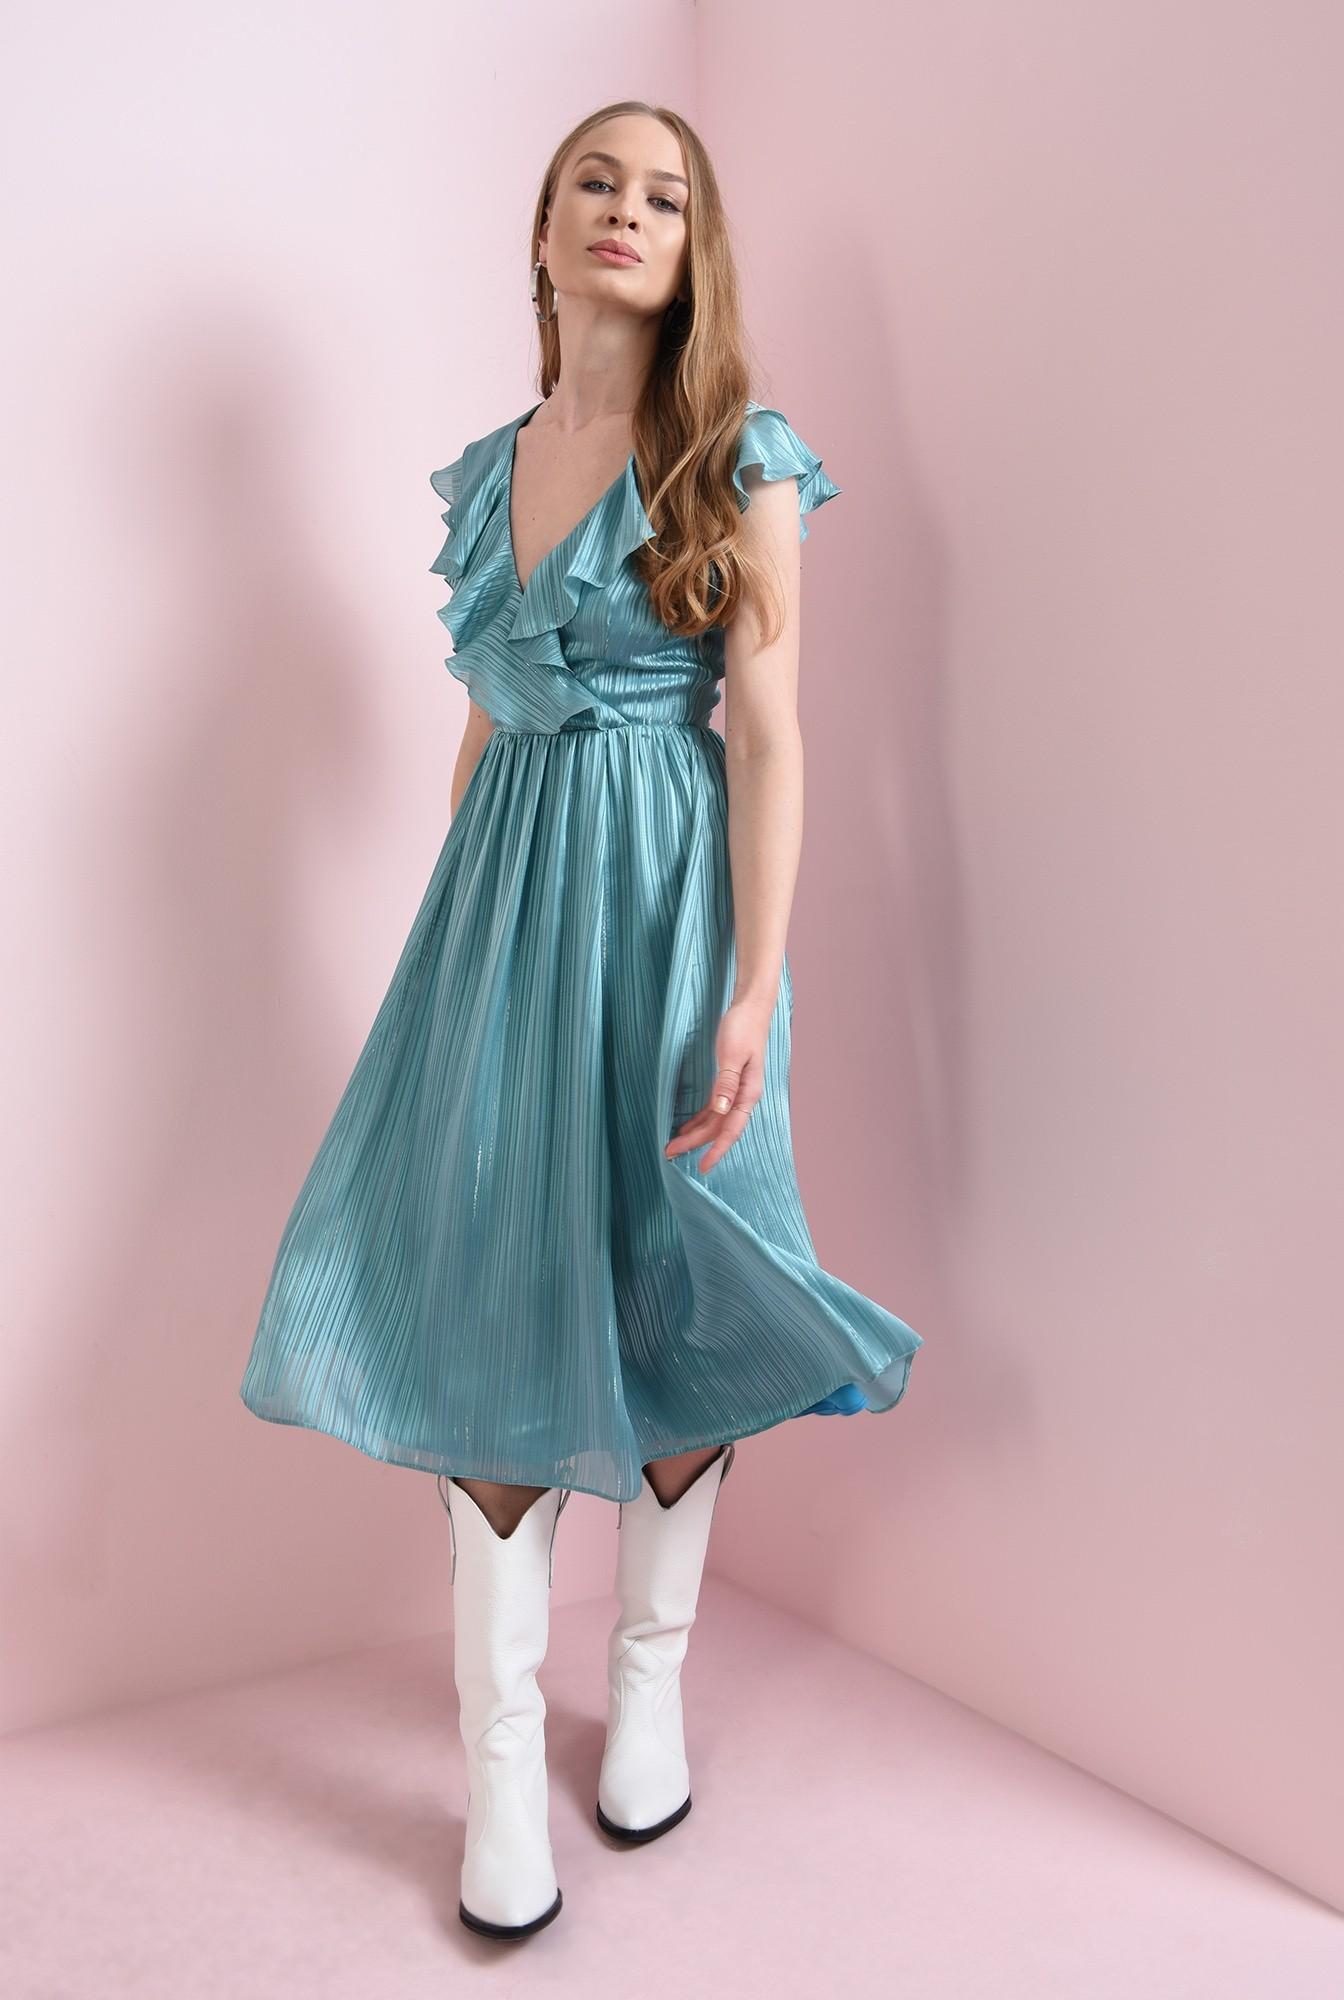 2 - rochie turcoaz, cu volanela bust